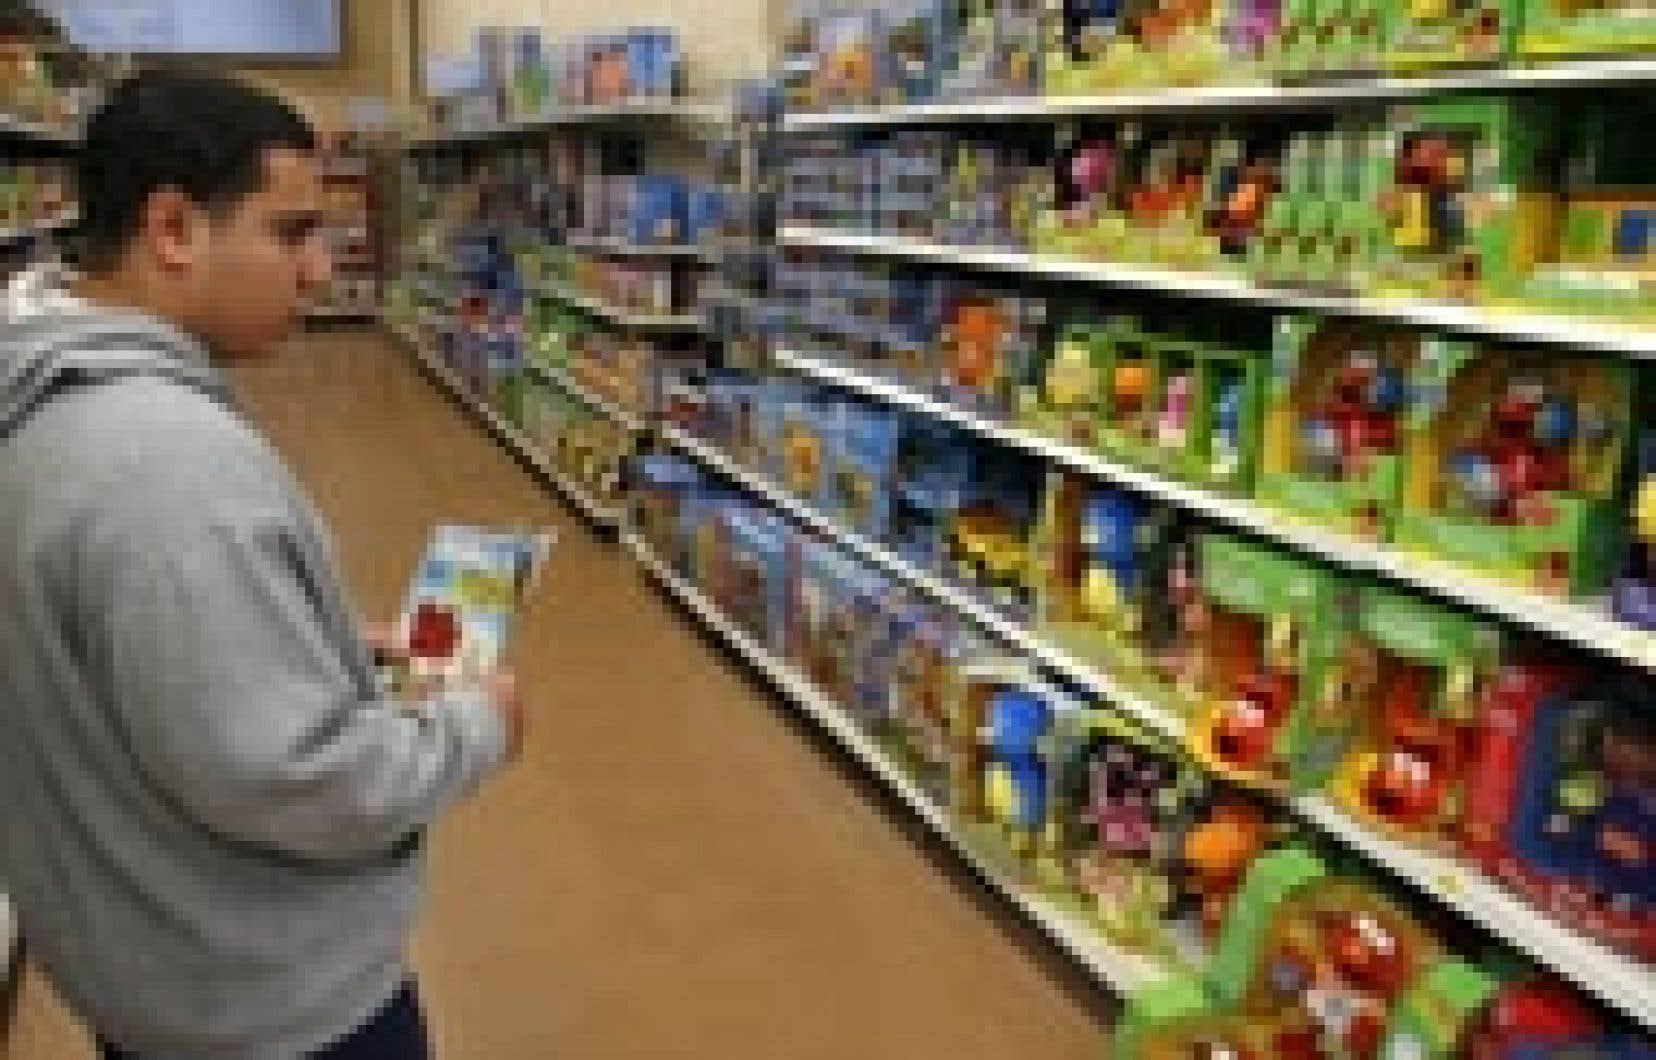 La hausse des infractions chez Wal-Mart pourrait découler de l'instauration de normes de travail et environnementales plus sévères dans la soixantaine de pays où elle achète des vêtements, des jouets, des souliers et d'autres produits.